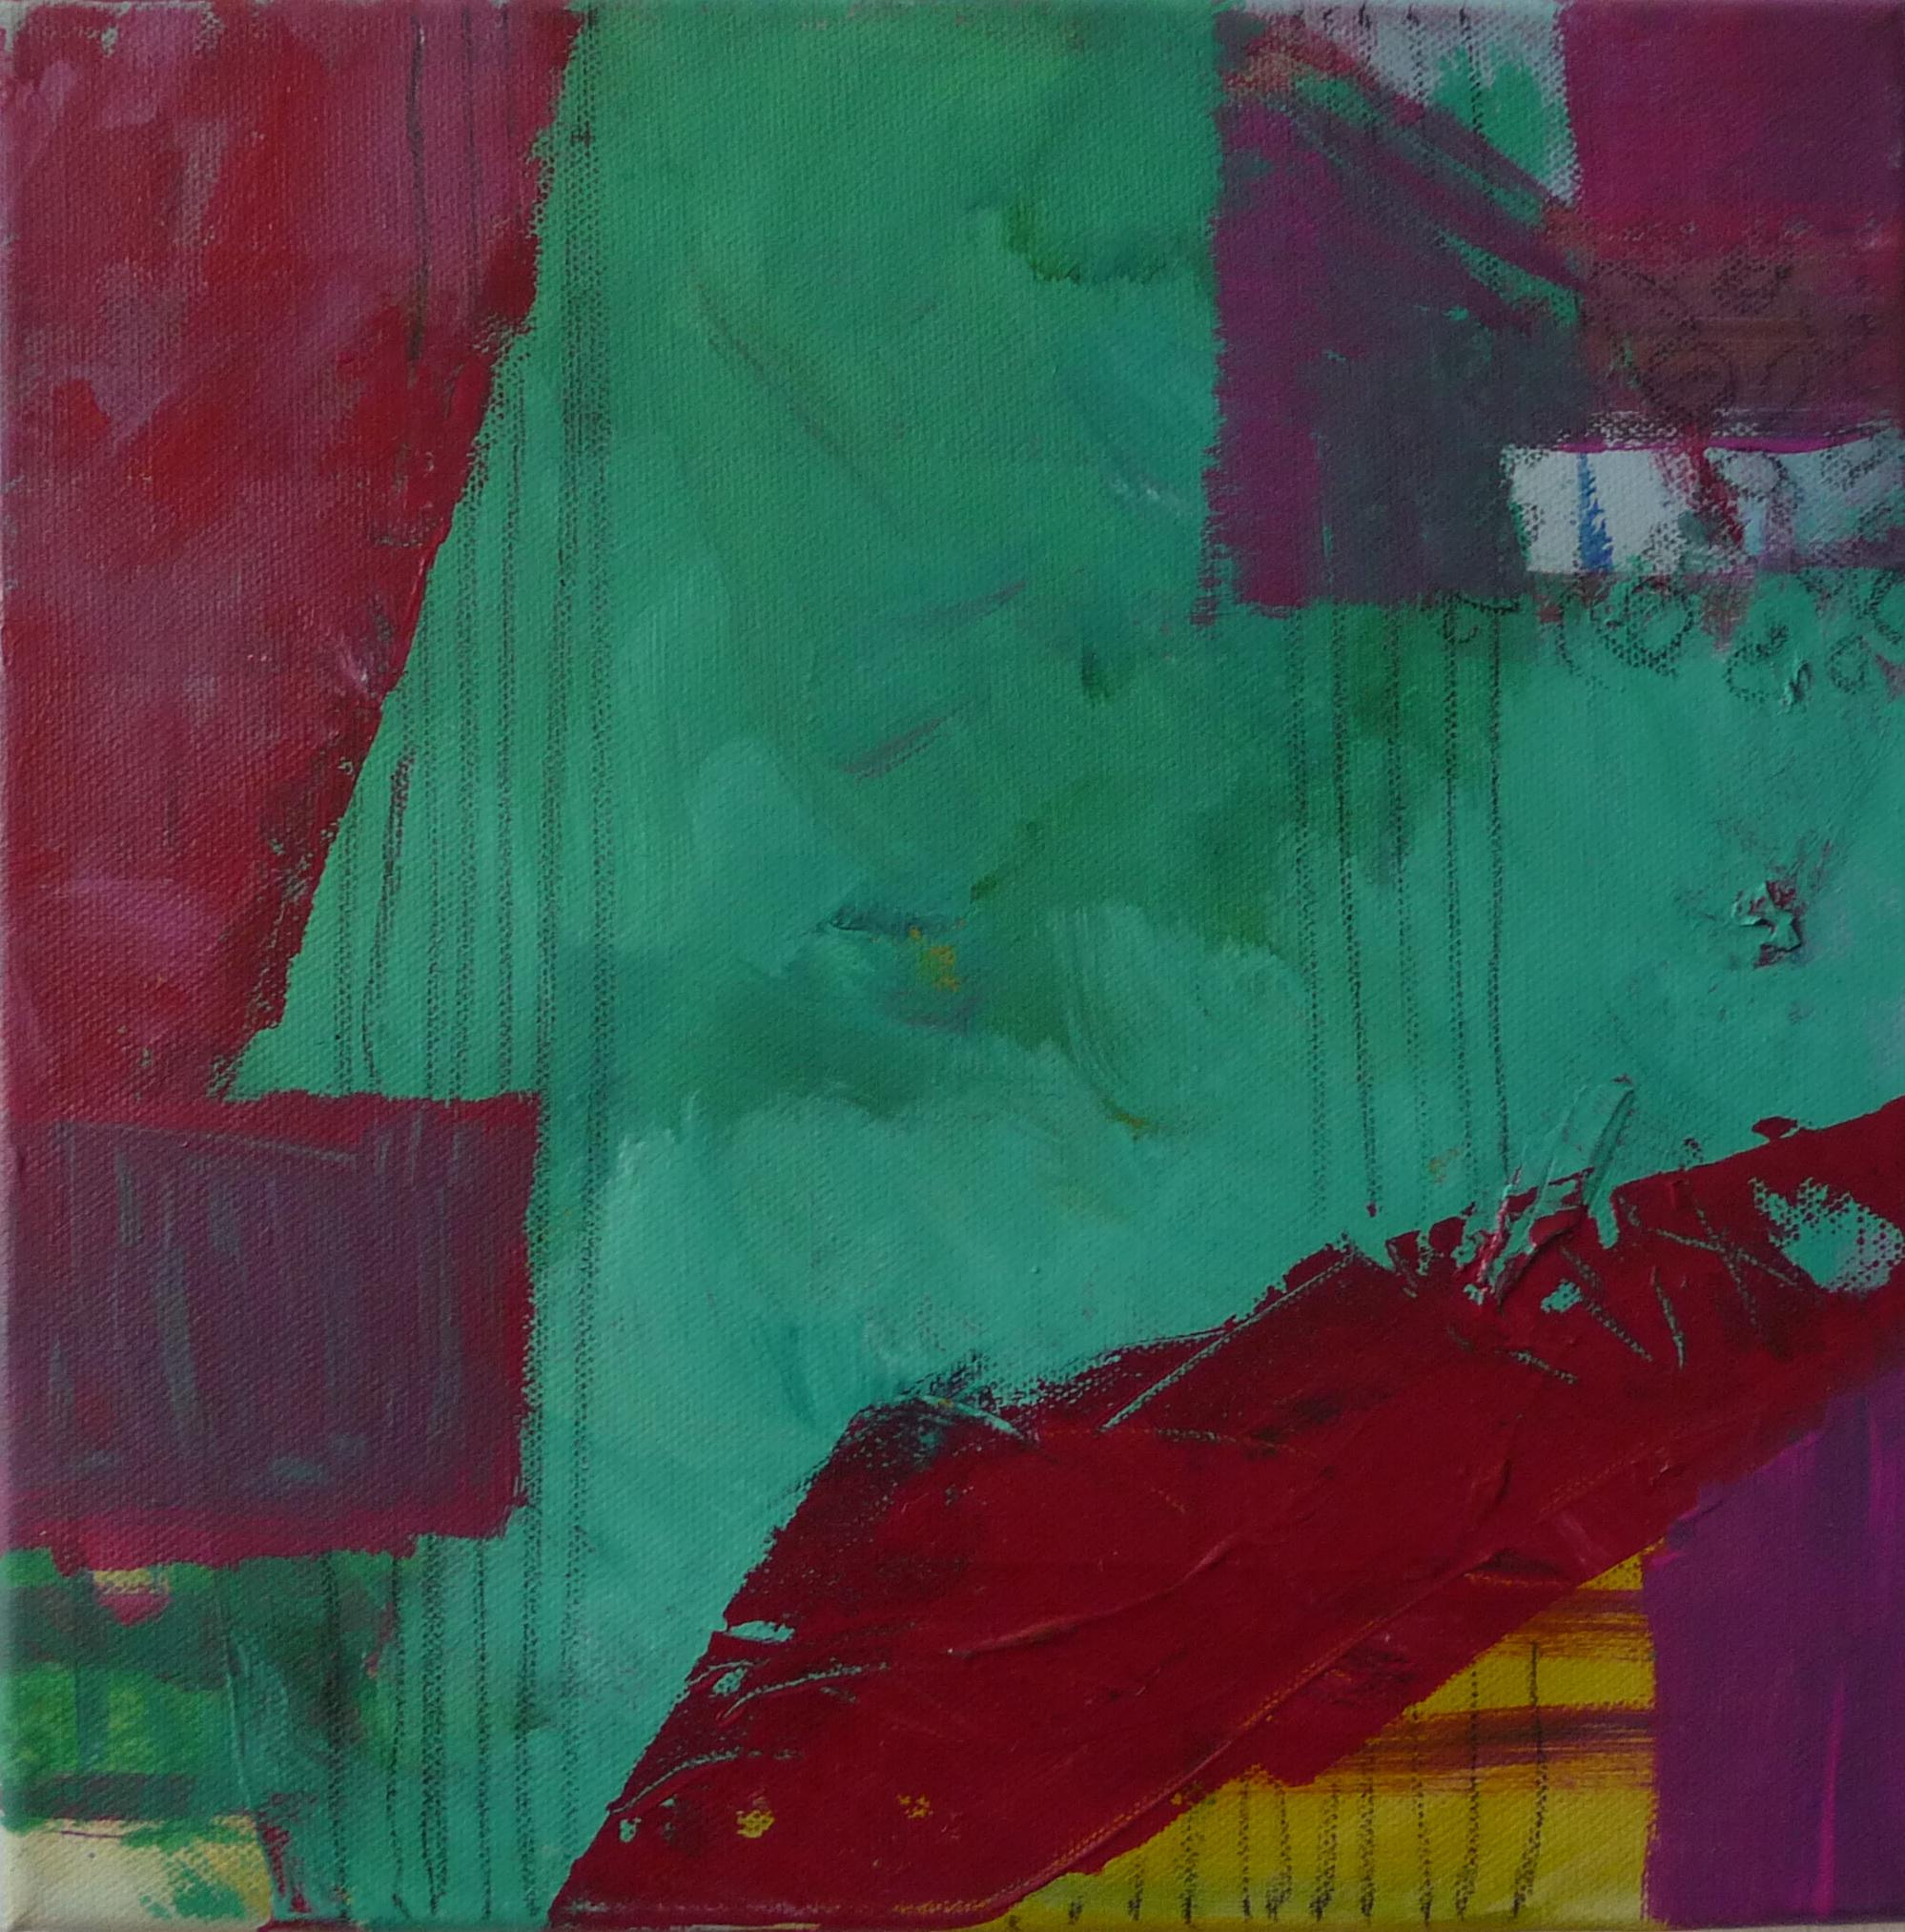 Grün 1, 2010, Leinwand, 30x30